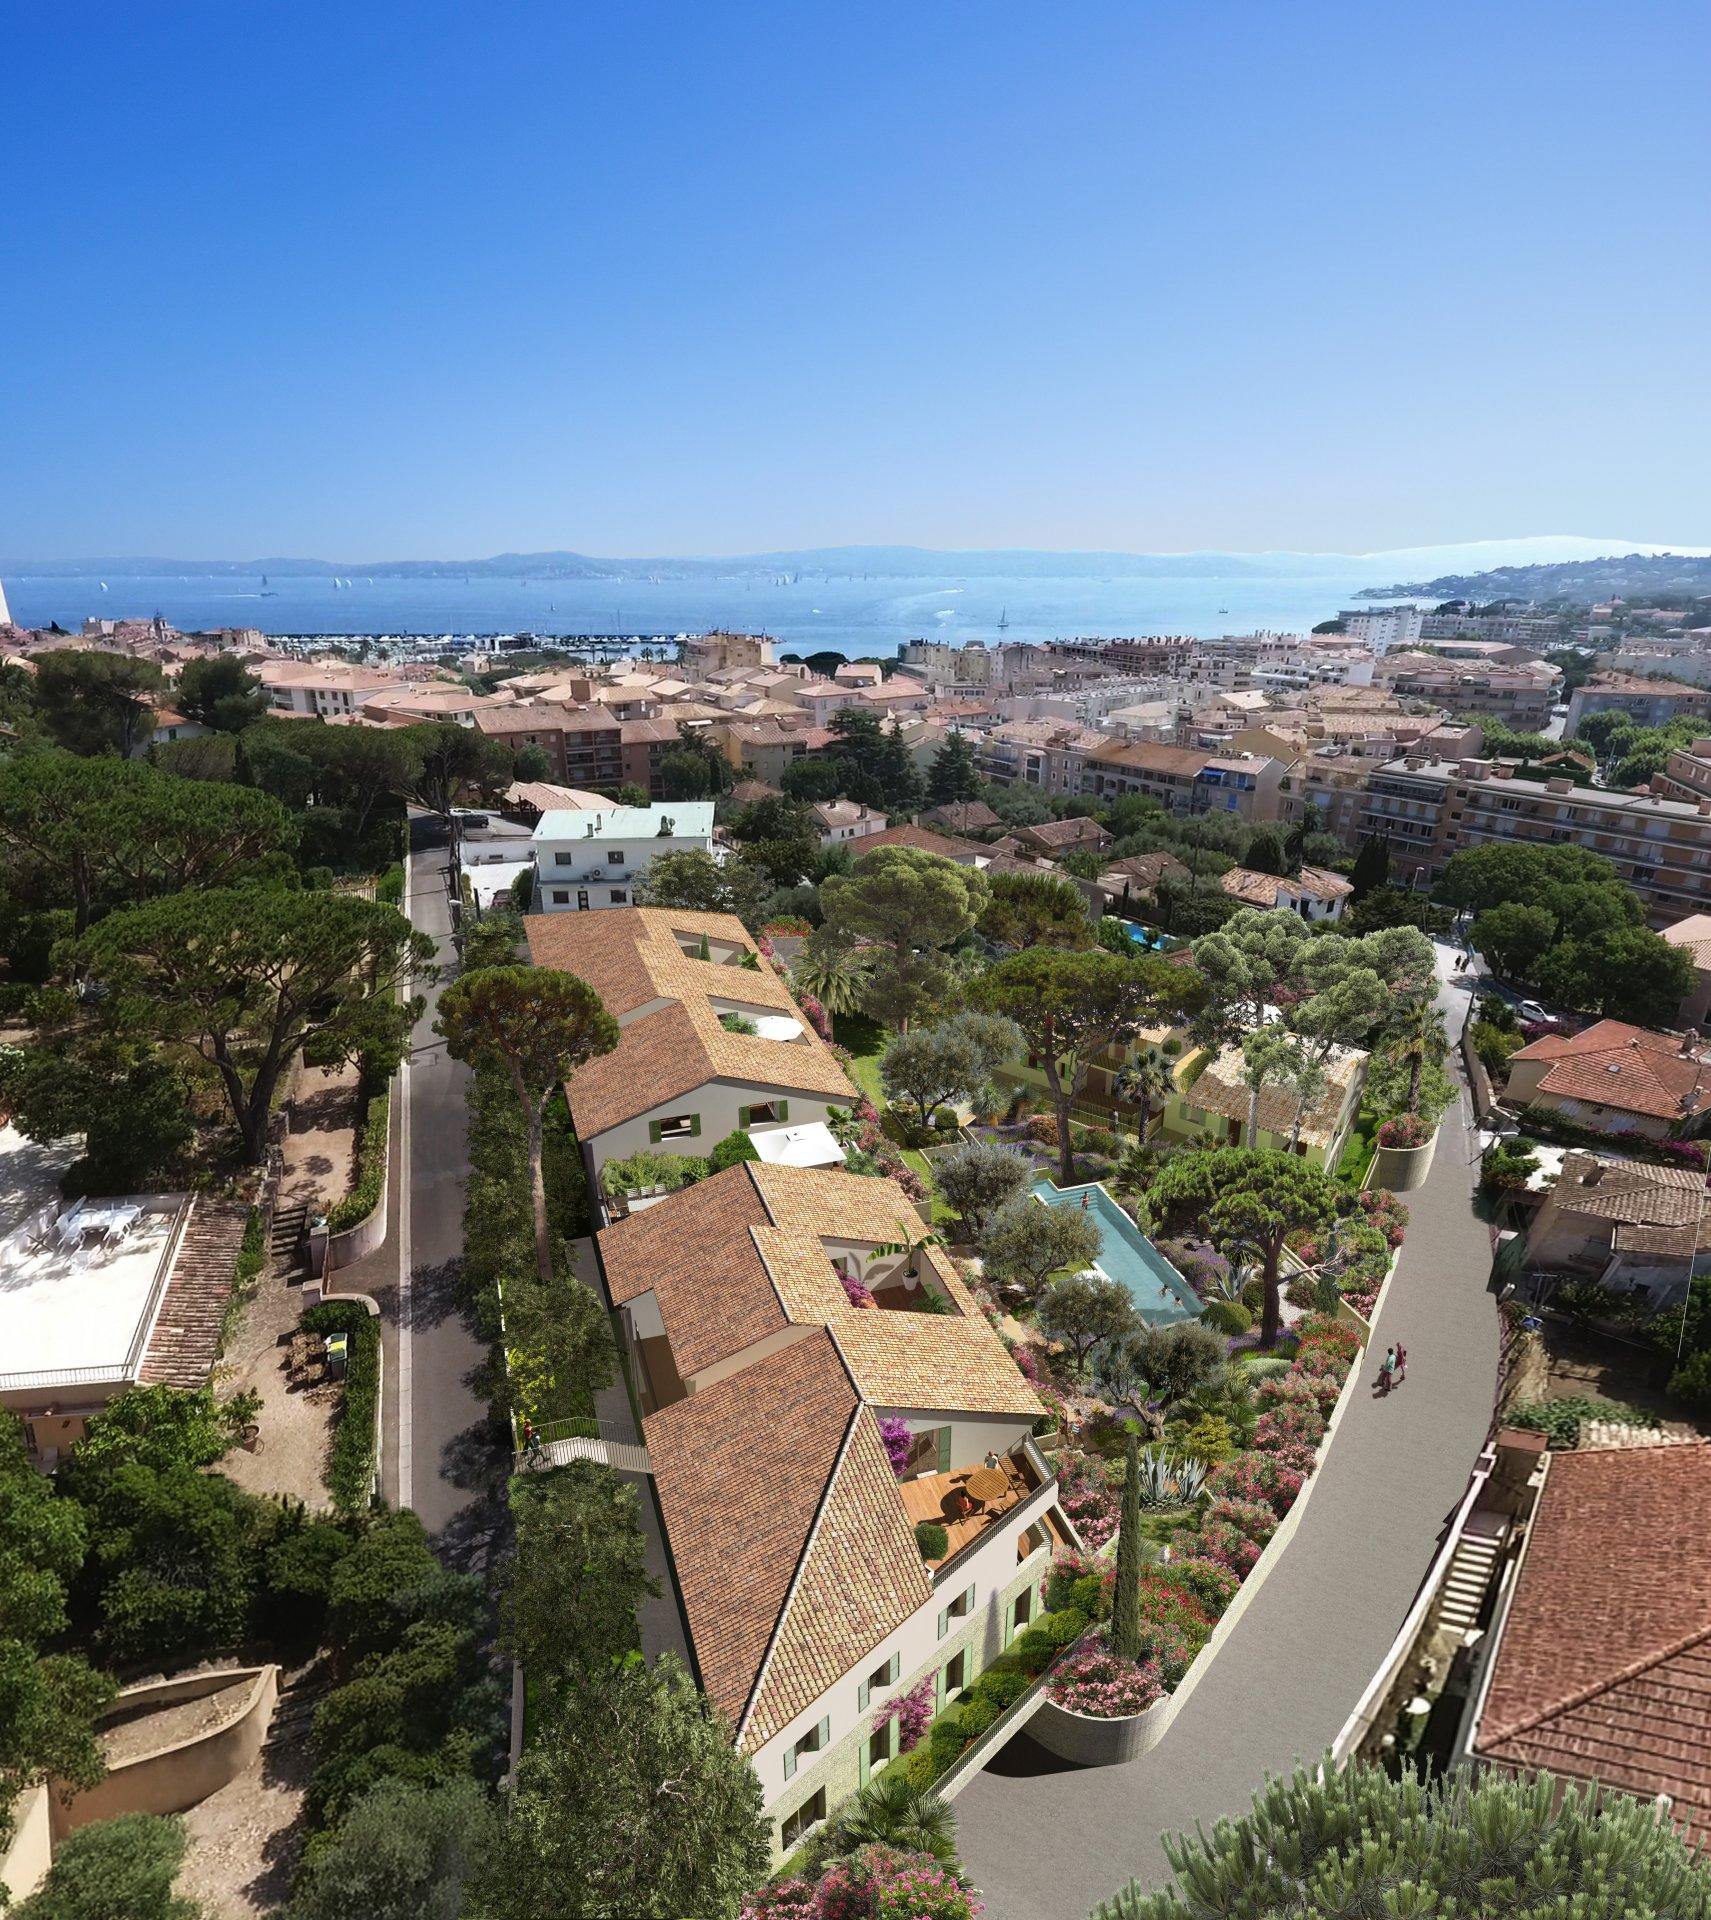 Verkoop Appartement - Sainte-Maxime